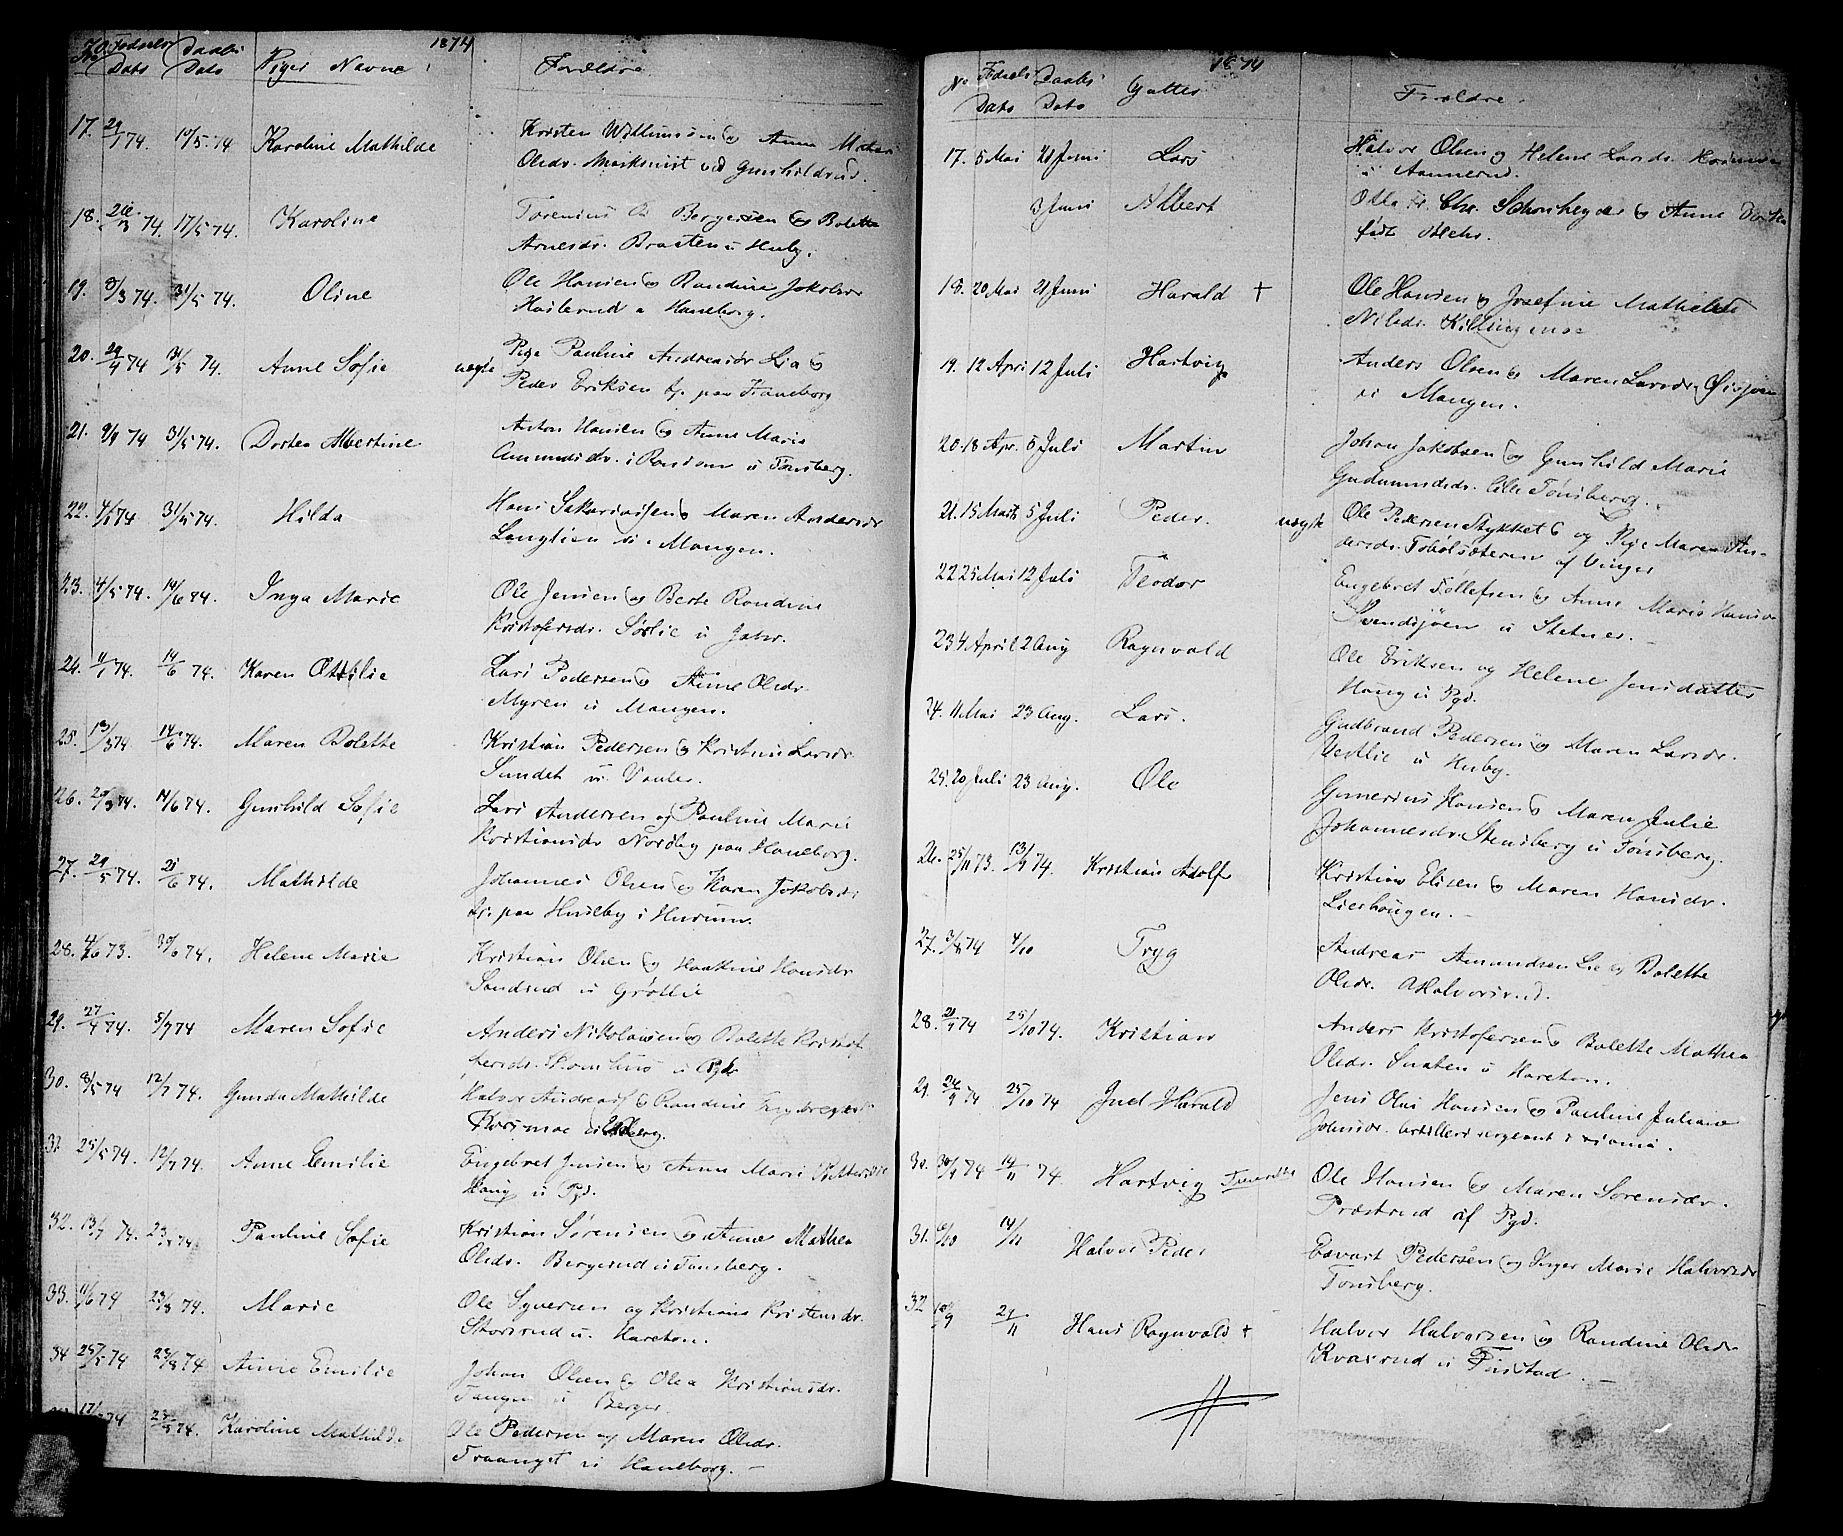 SAO, Aurskog prestekontor Kirkebøker, G/Ga/L0003: Klokkerbok nr. I 3, 1858-1883, s. 70